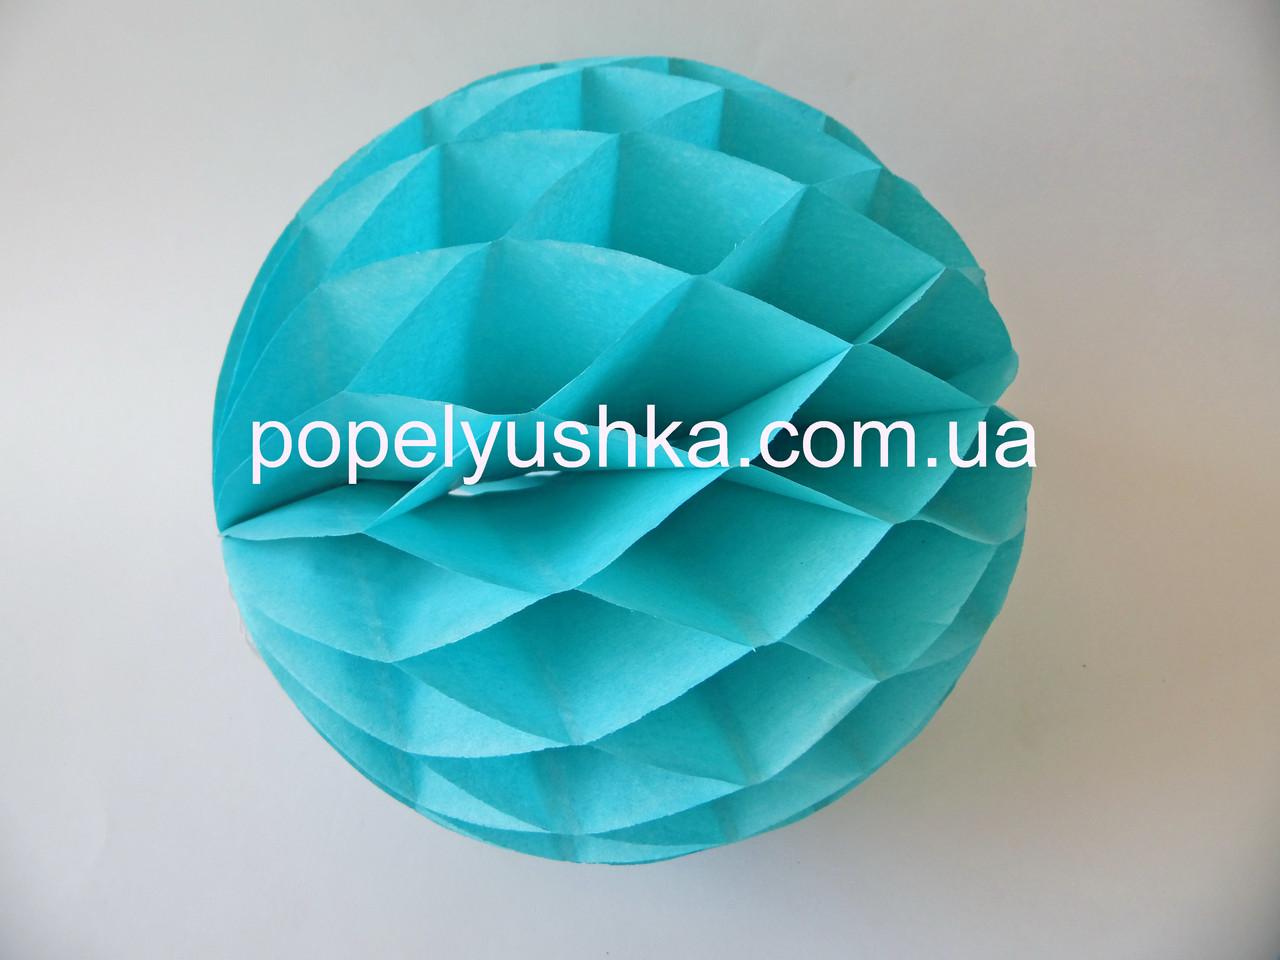 Шарик -соты 20 см. Голубой